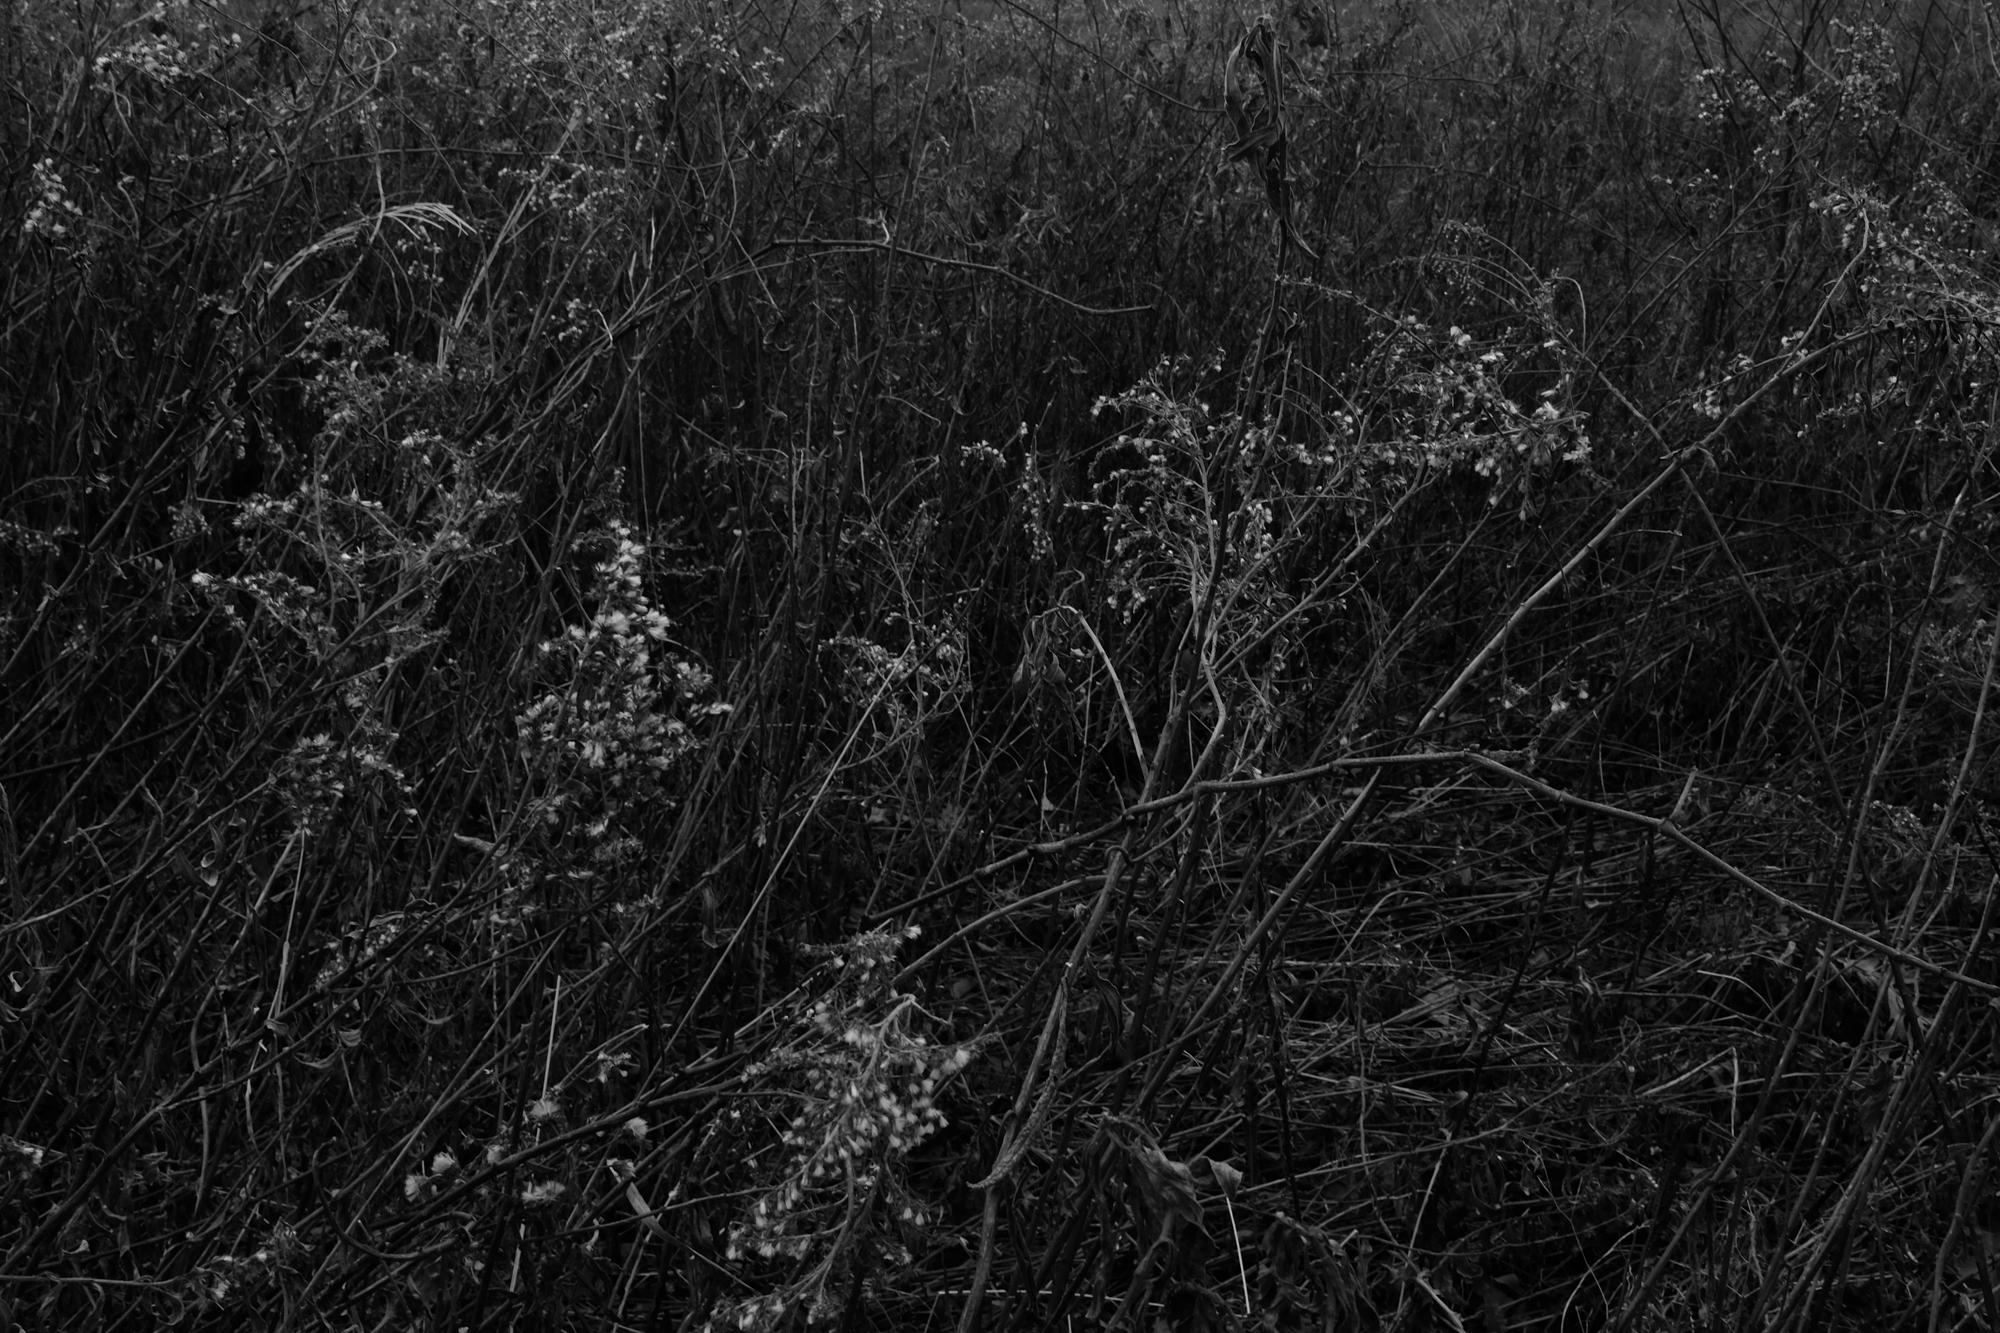 amherstfields-60.jpg